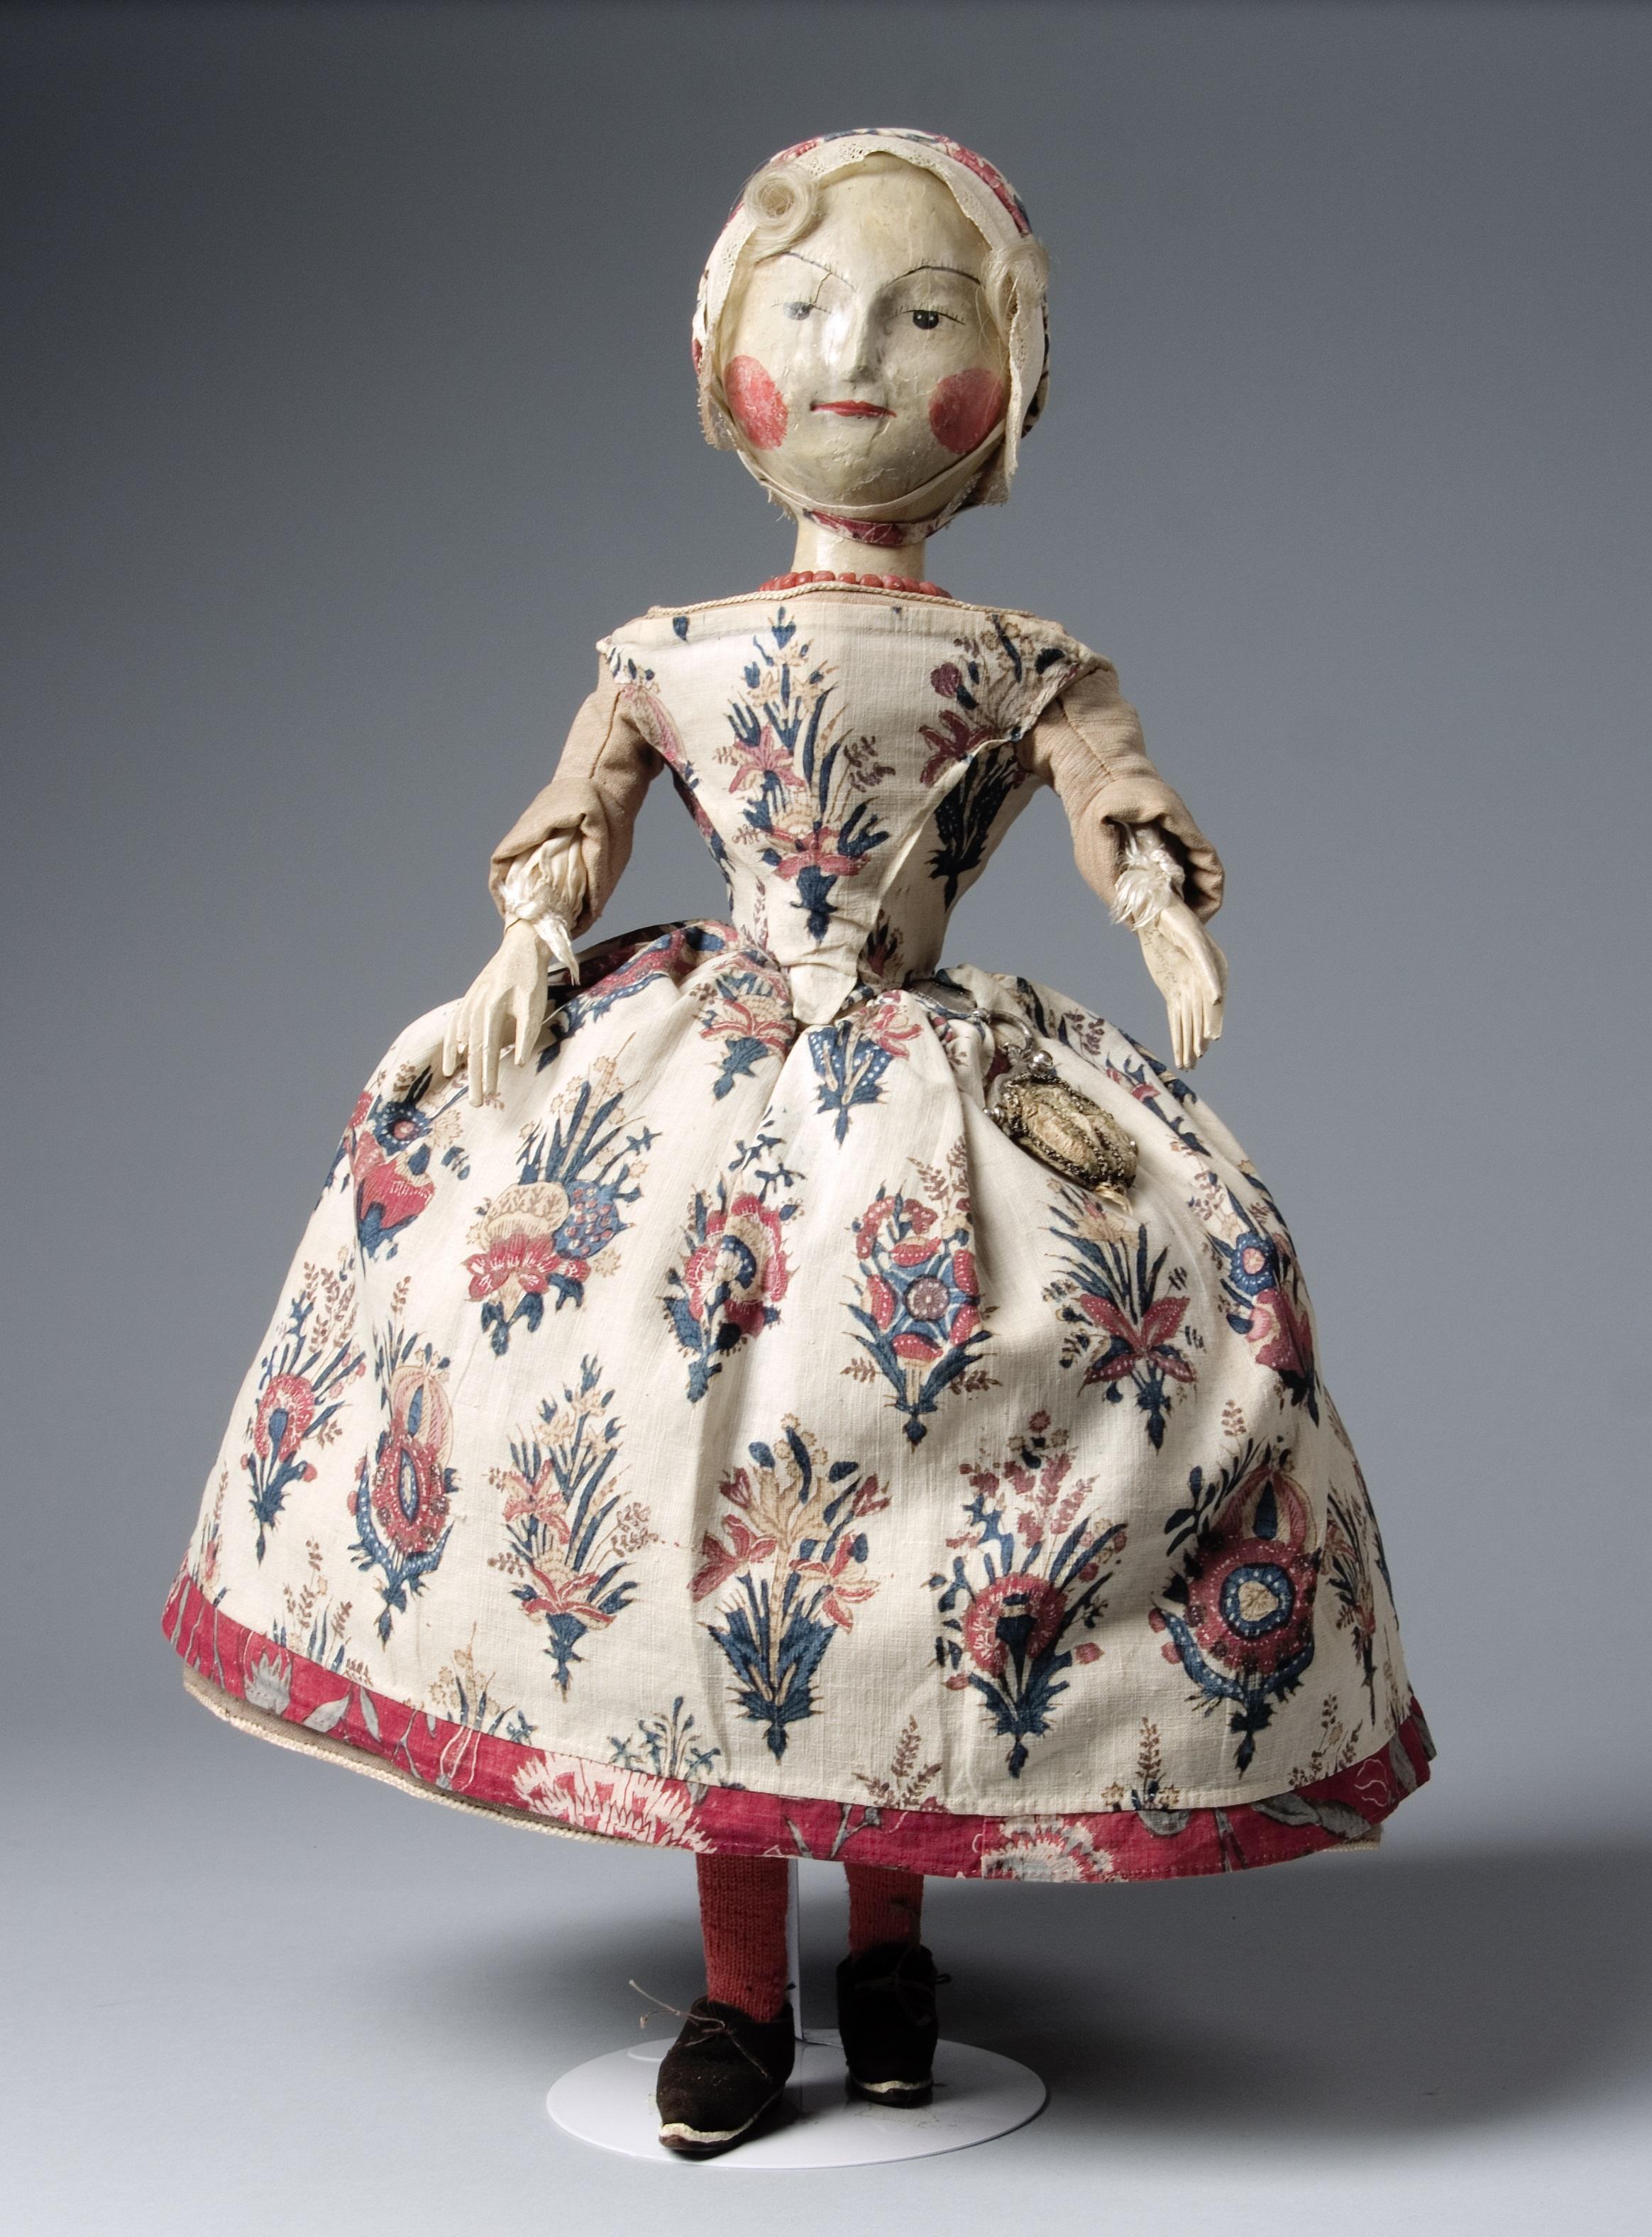 Afb. 1: Houten pop met sitsen schort en mutsje, met zilveren tasbeugel, Bauke Wijngaarden, 1742. Fries Museum Leeuwarden | collectie Koninklijk Fries Genootschap